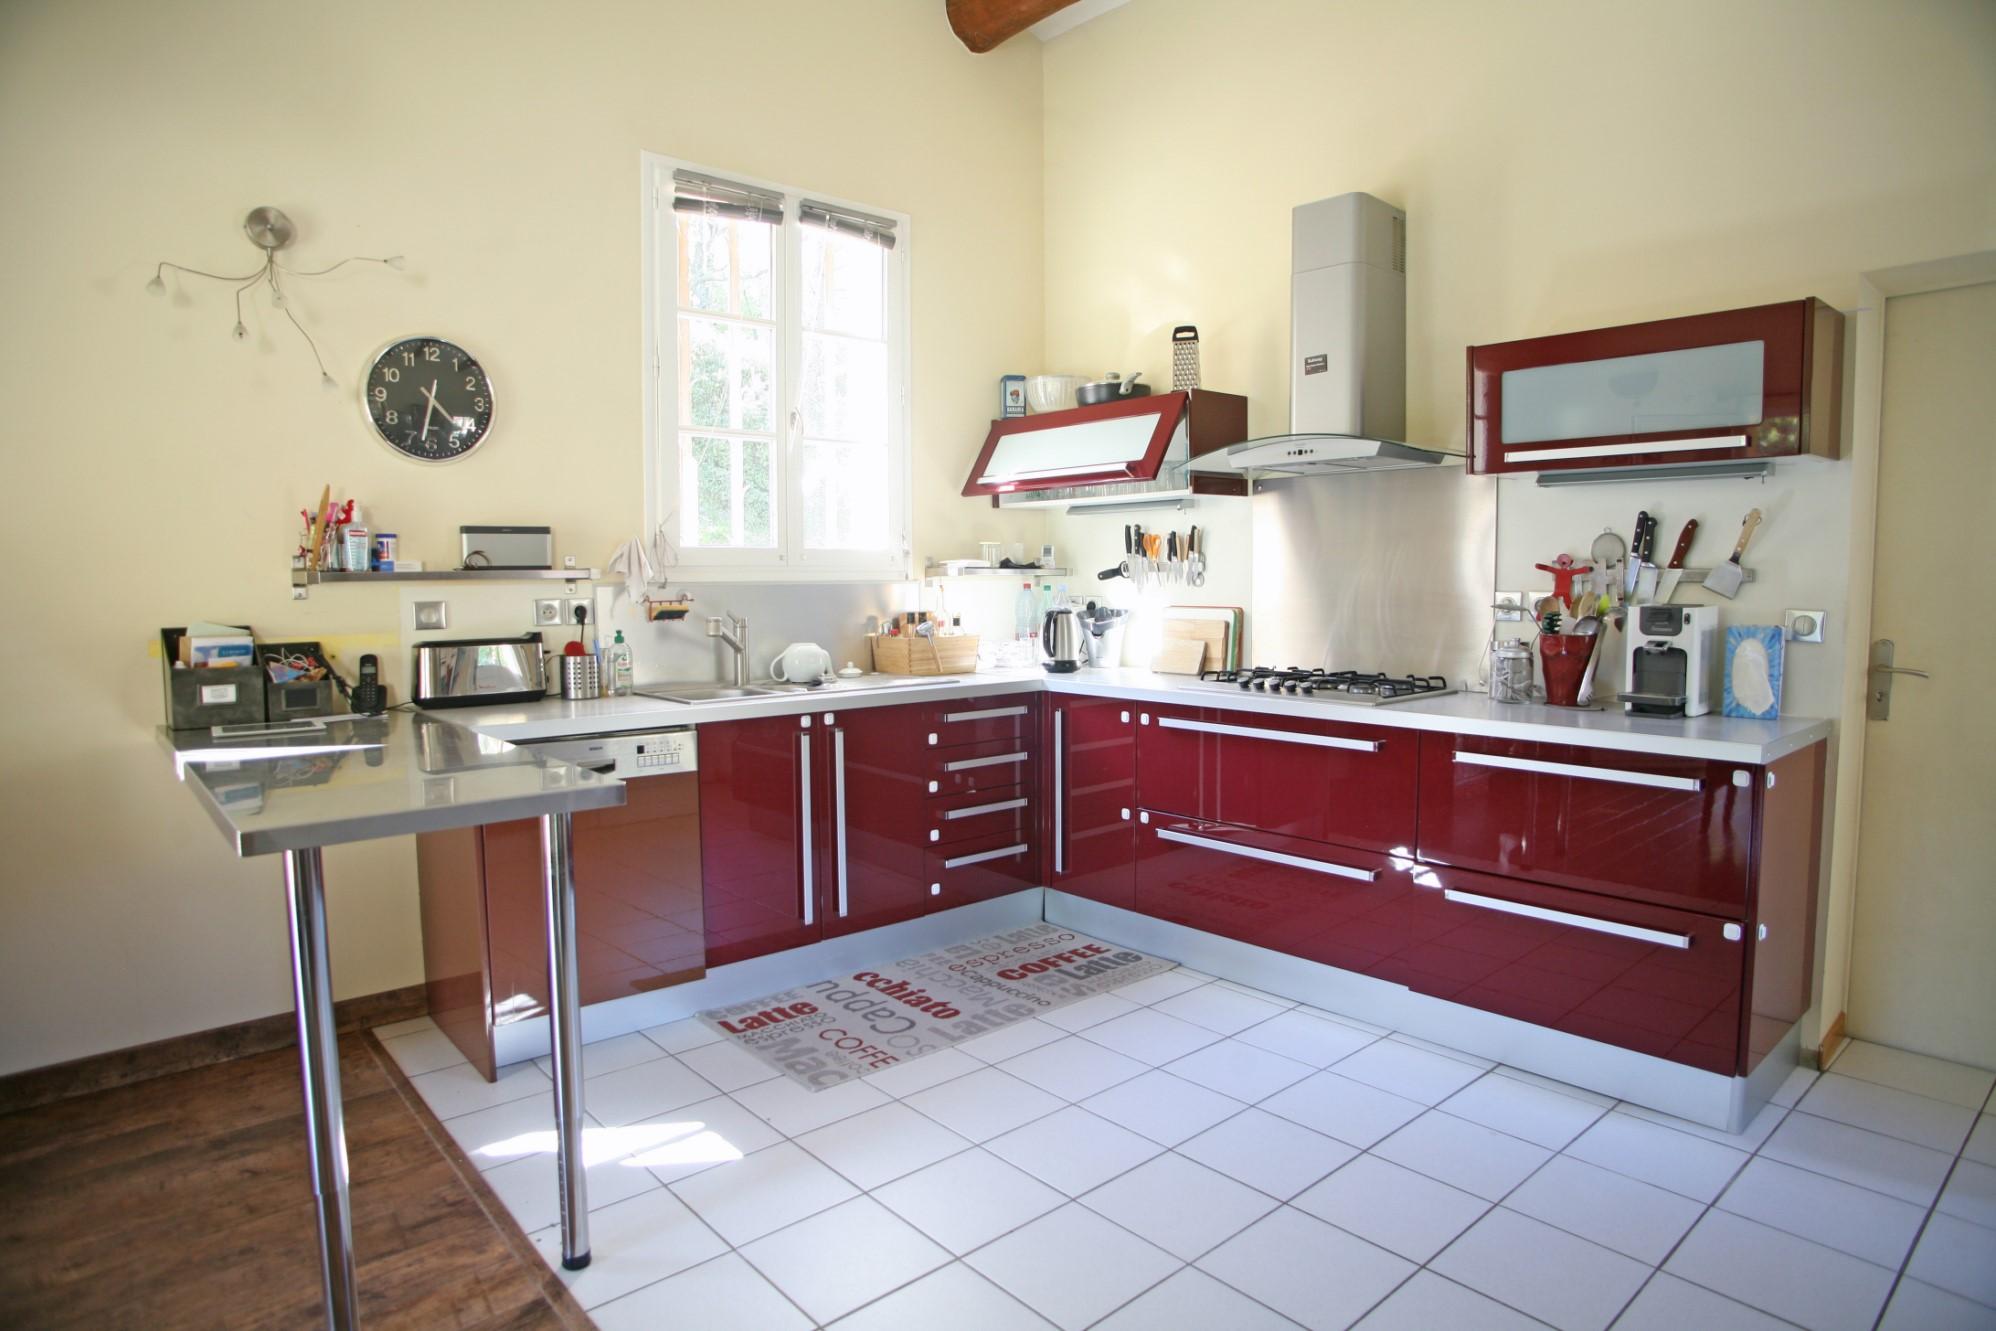 Aux portes du Luberon, à vendre, belle maison traditionnelle avec piscine dans un environnement préservé